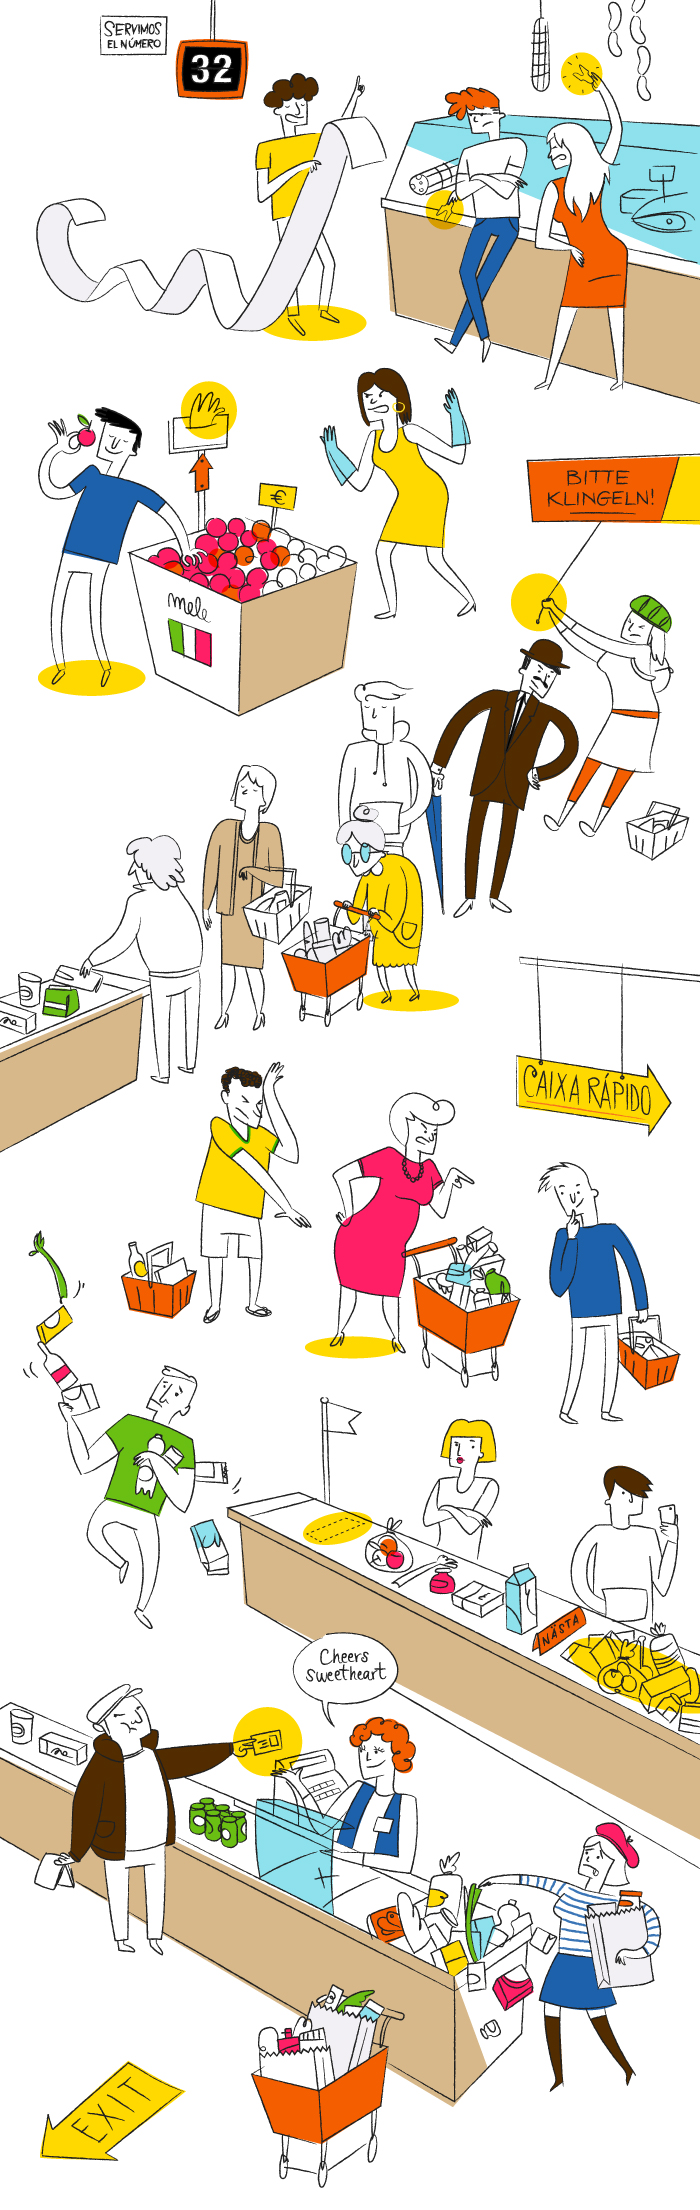 La controguida: come NON comportarsi al supermercato